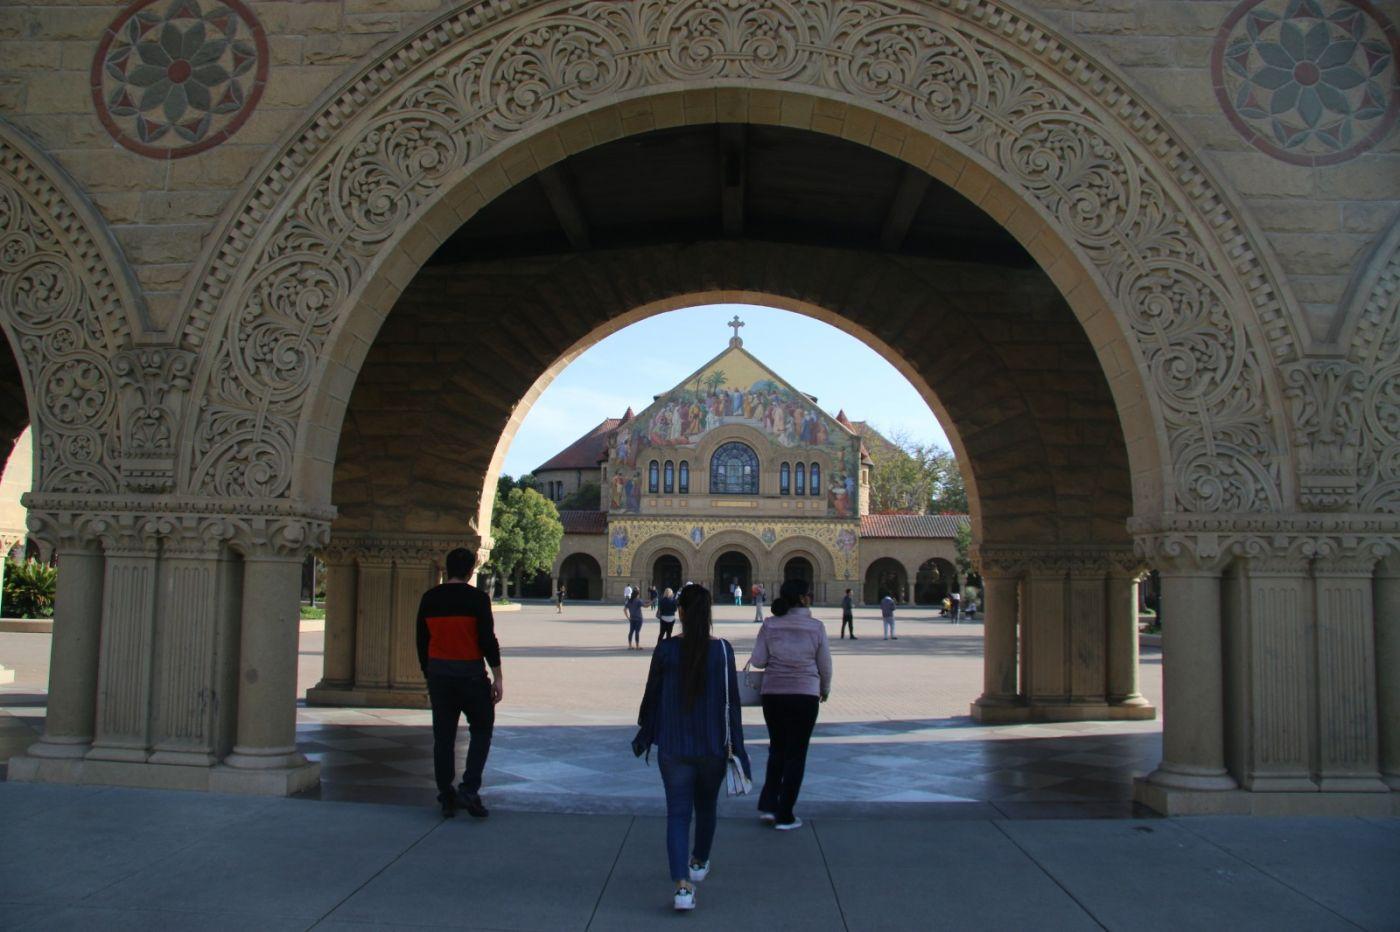 斯坦福大学-曾经的梦想之旅_图1-1